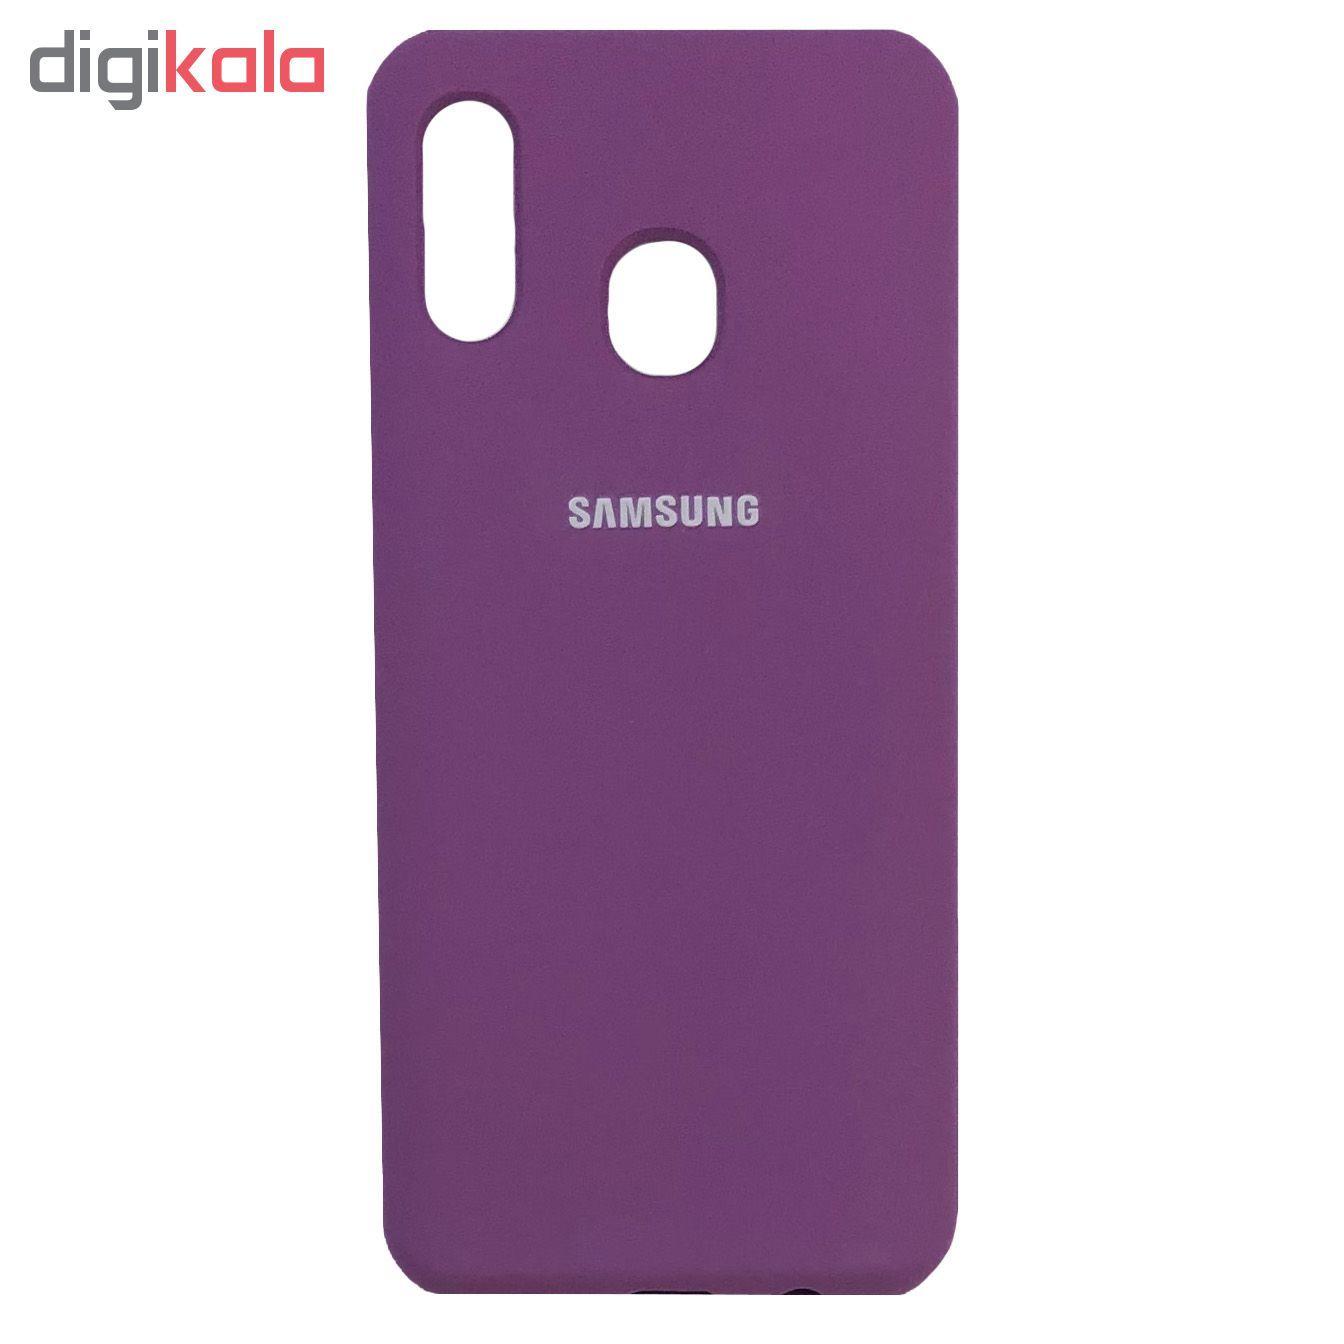 کاور مدل SIL-002 مناسب برای گوشی موبایل سامسونگ Galaxy A20/A30 main 1 1